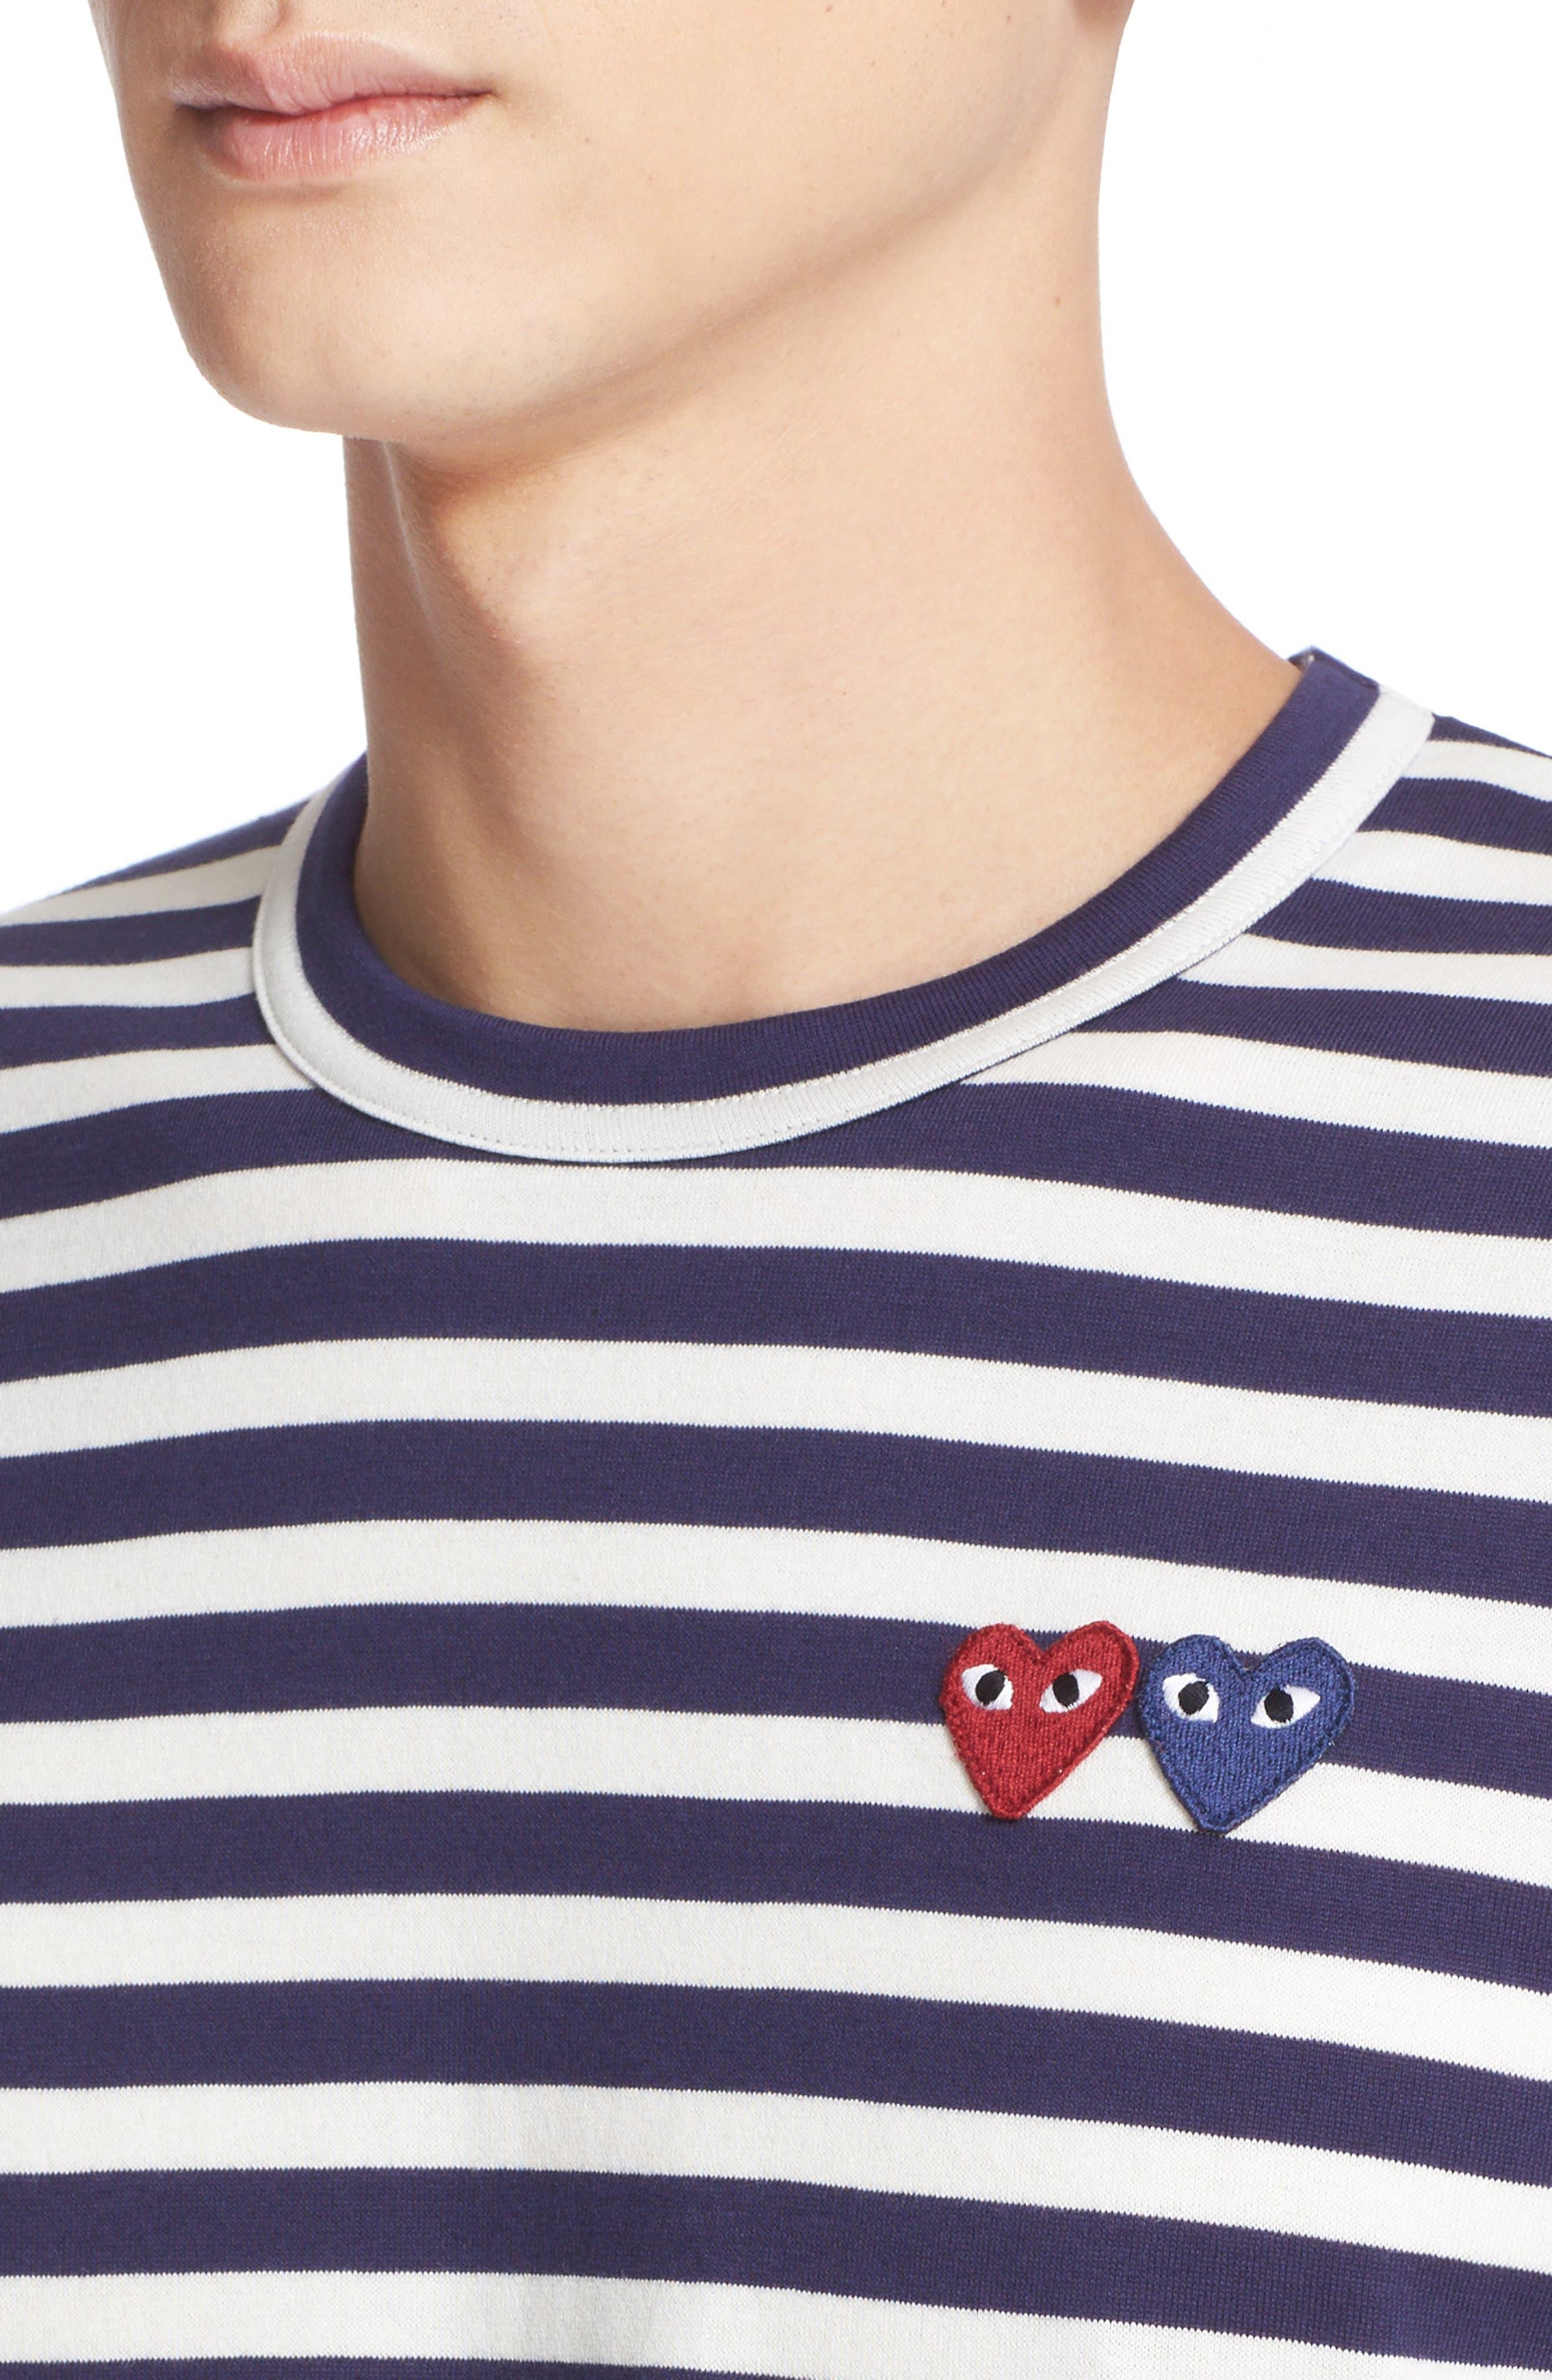 Comme des Garçons Play Twin Appliqué Stripe T-Shirt,                             Alternate thumbnail 4, color,                             Navy/ White